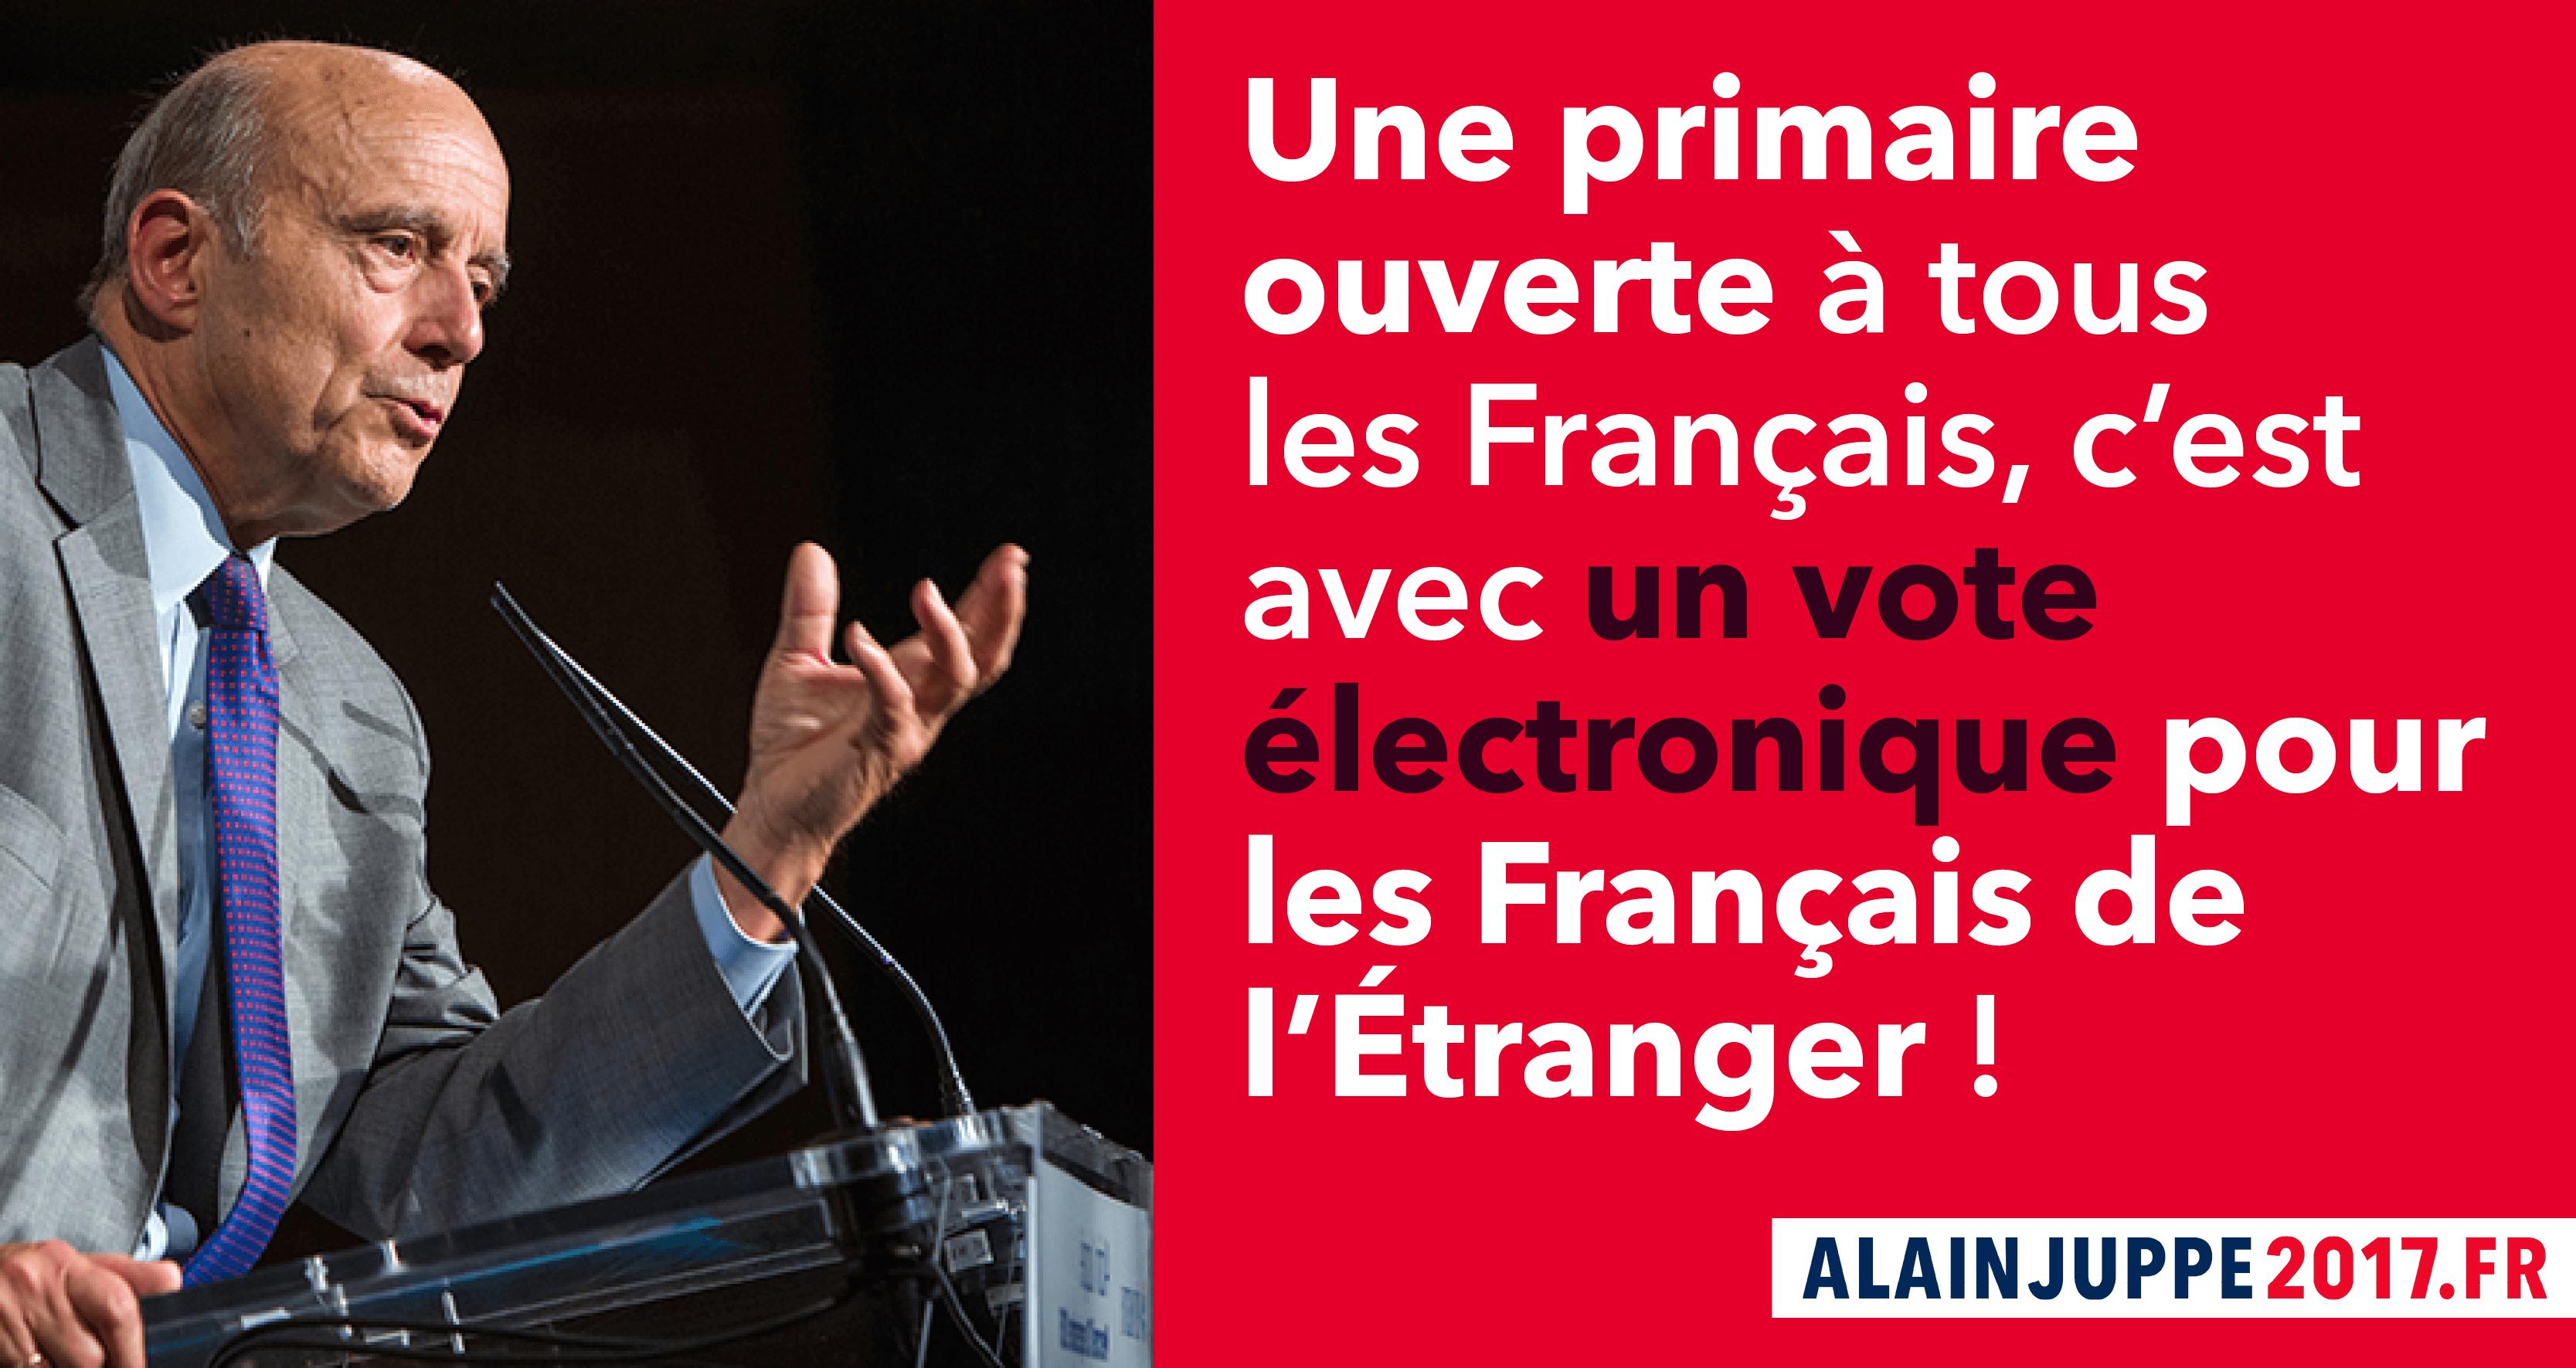 Francais_Etranger3.png